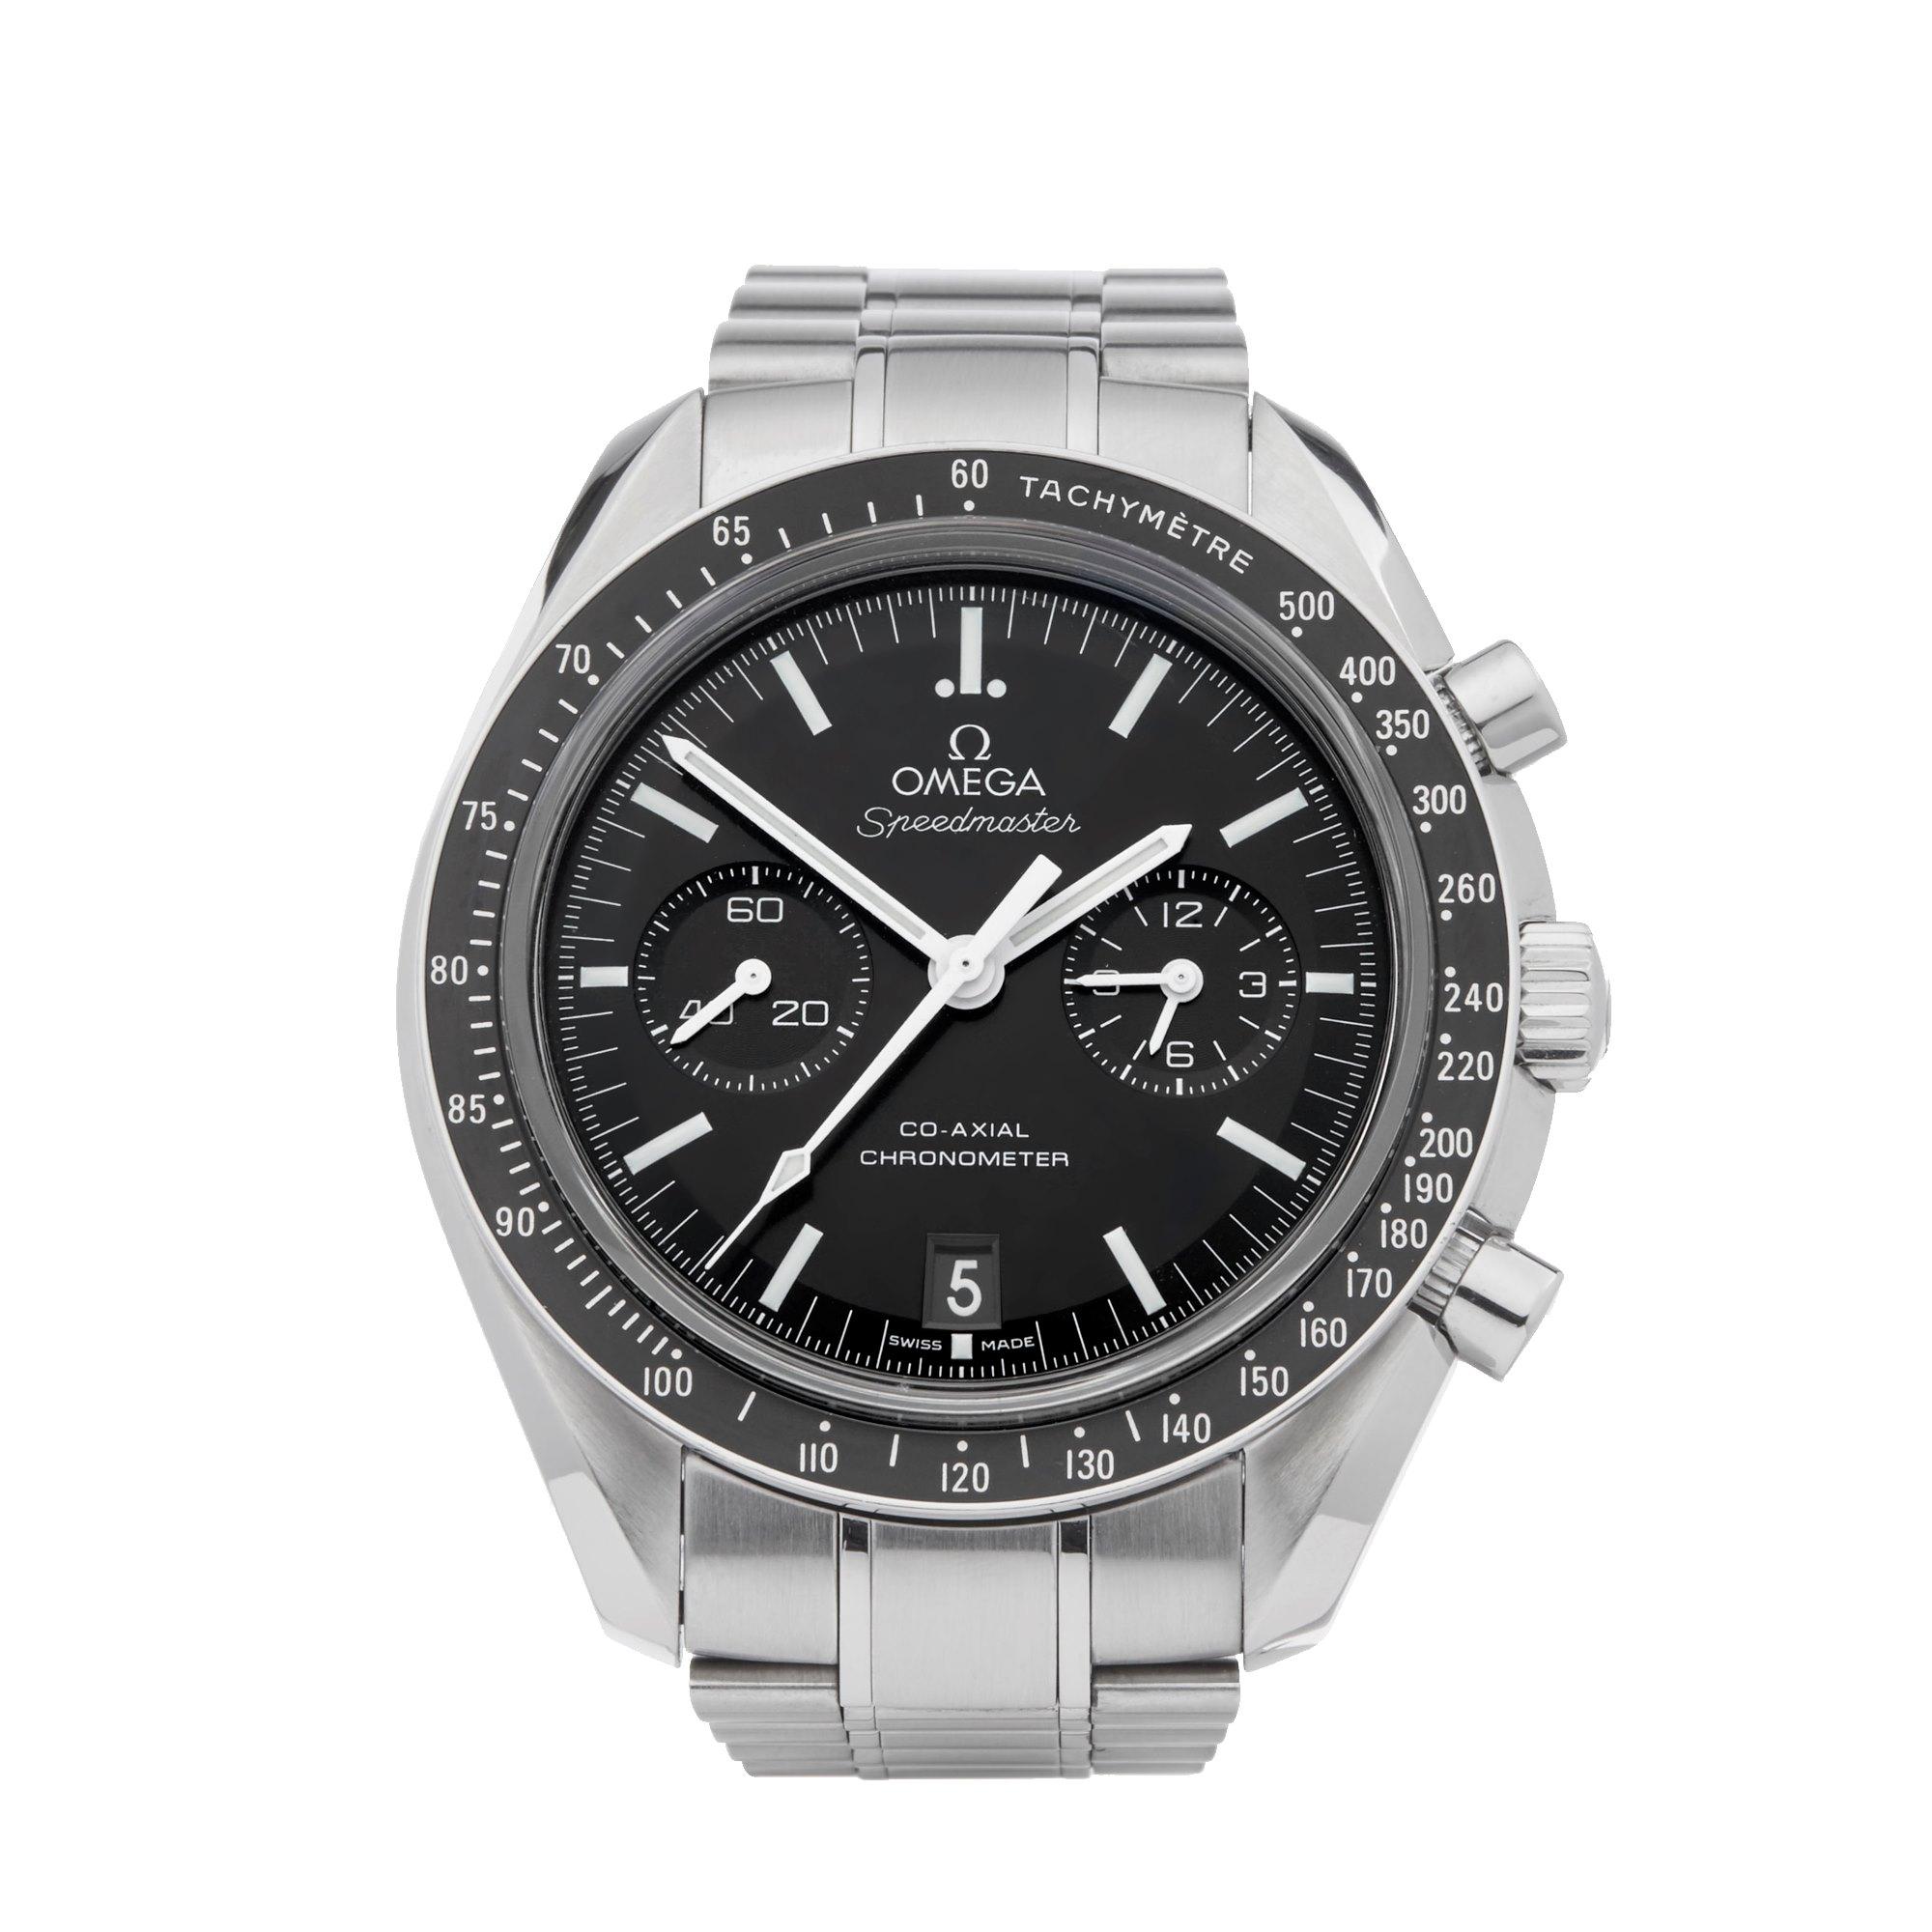 Omega Speedmaster Chronograph Stainless Steel 311.30.44.51.01.002